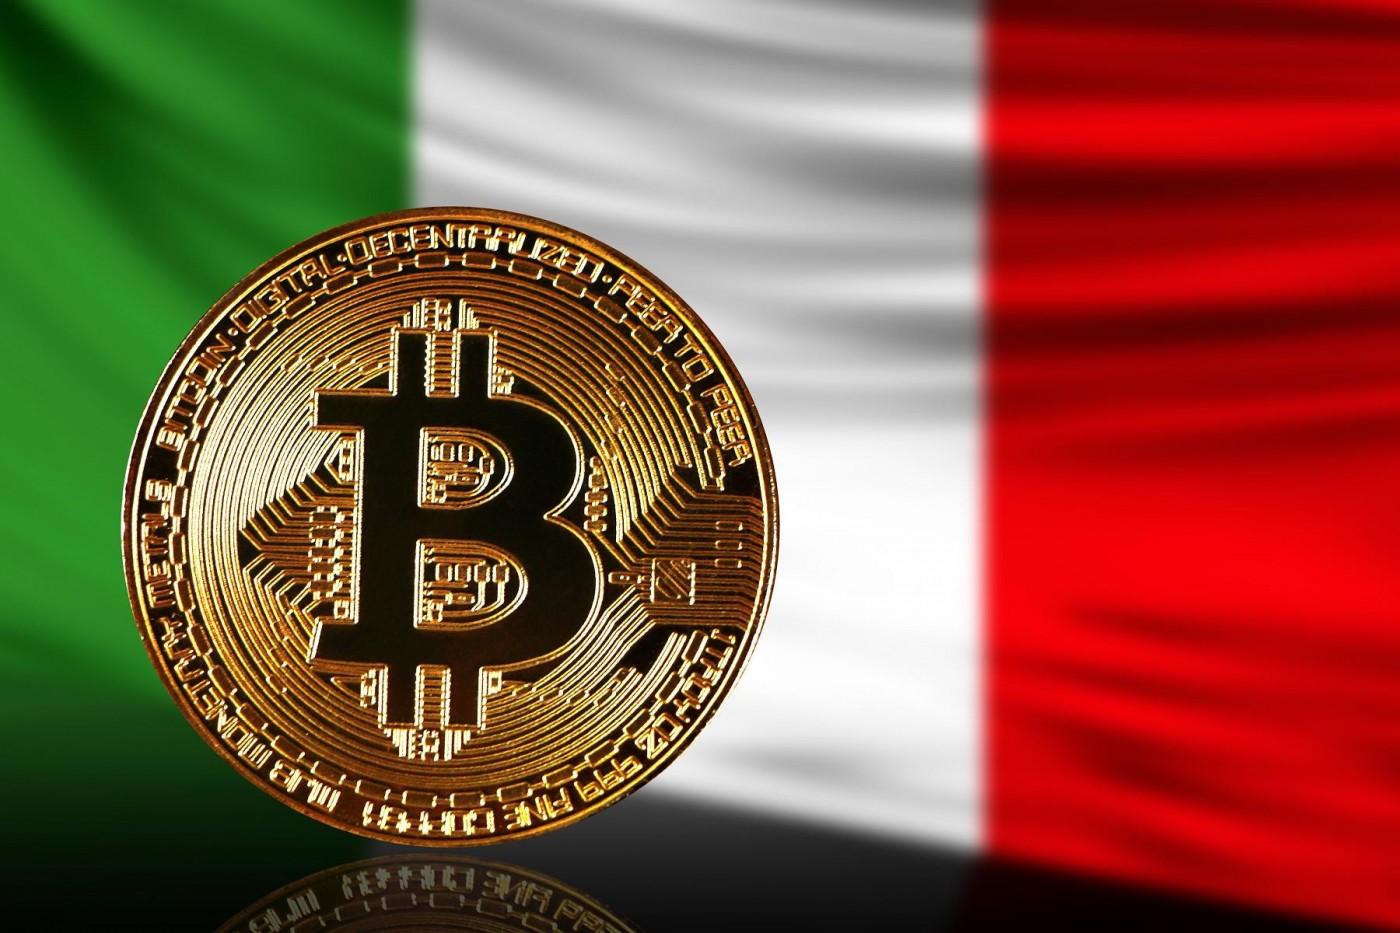 義大利人愛用比特幣網購,交易量超車VISA、Mastercard